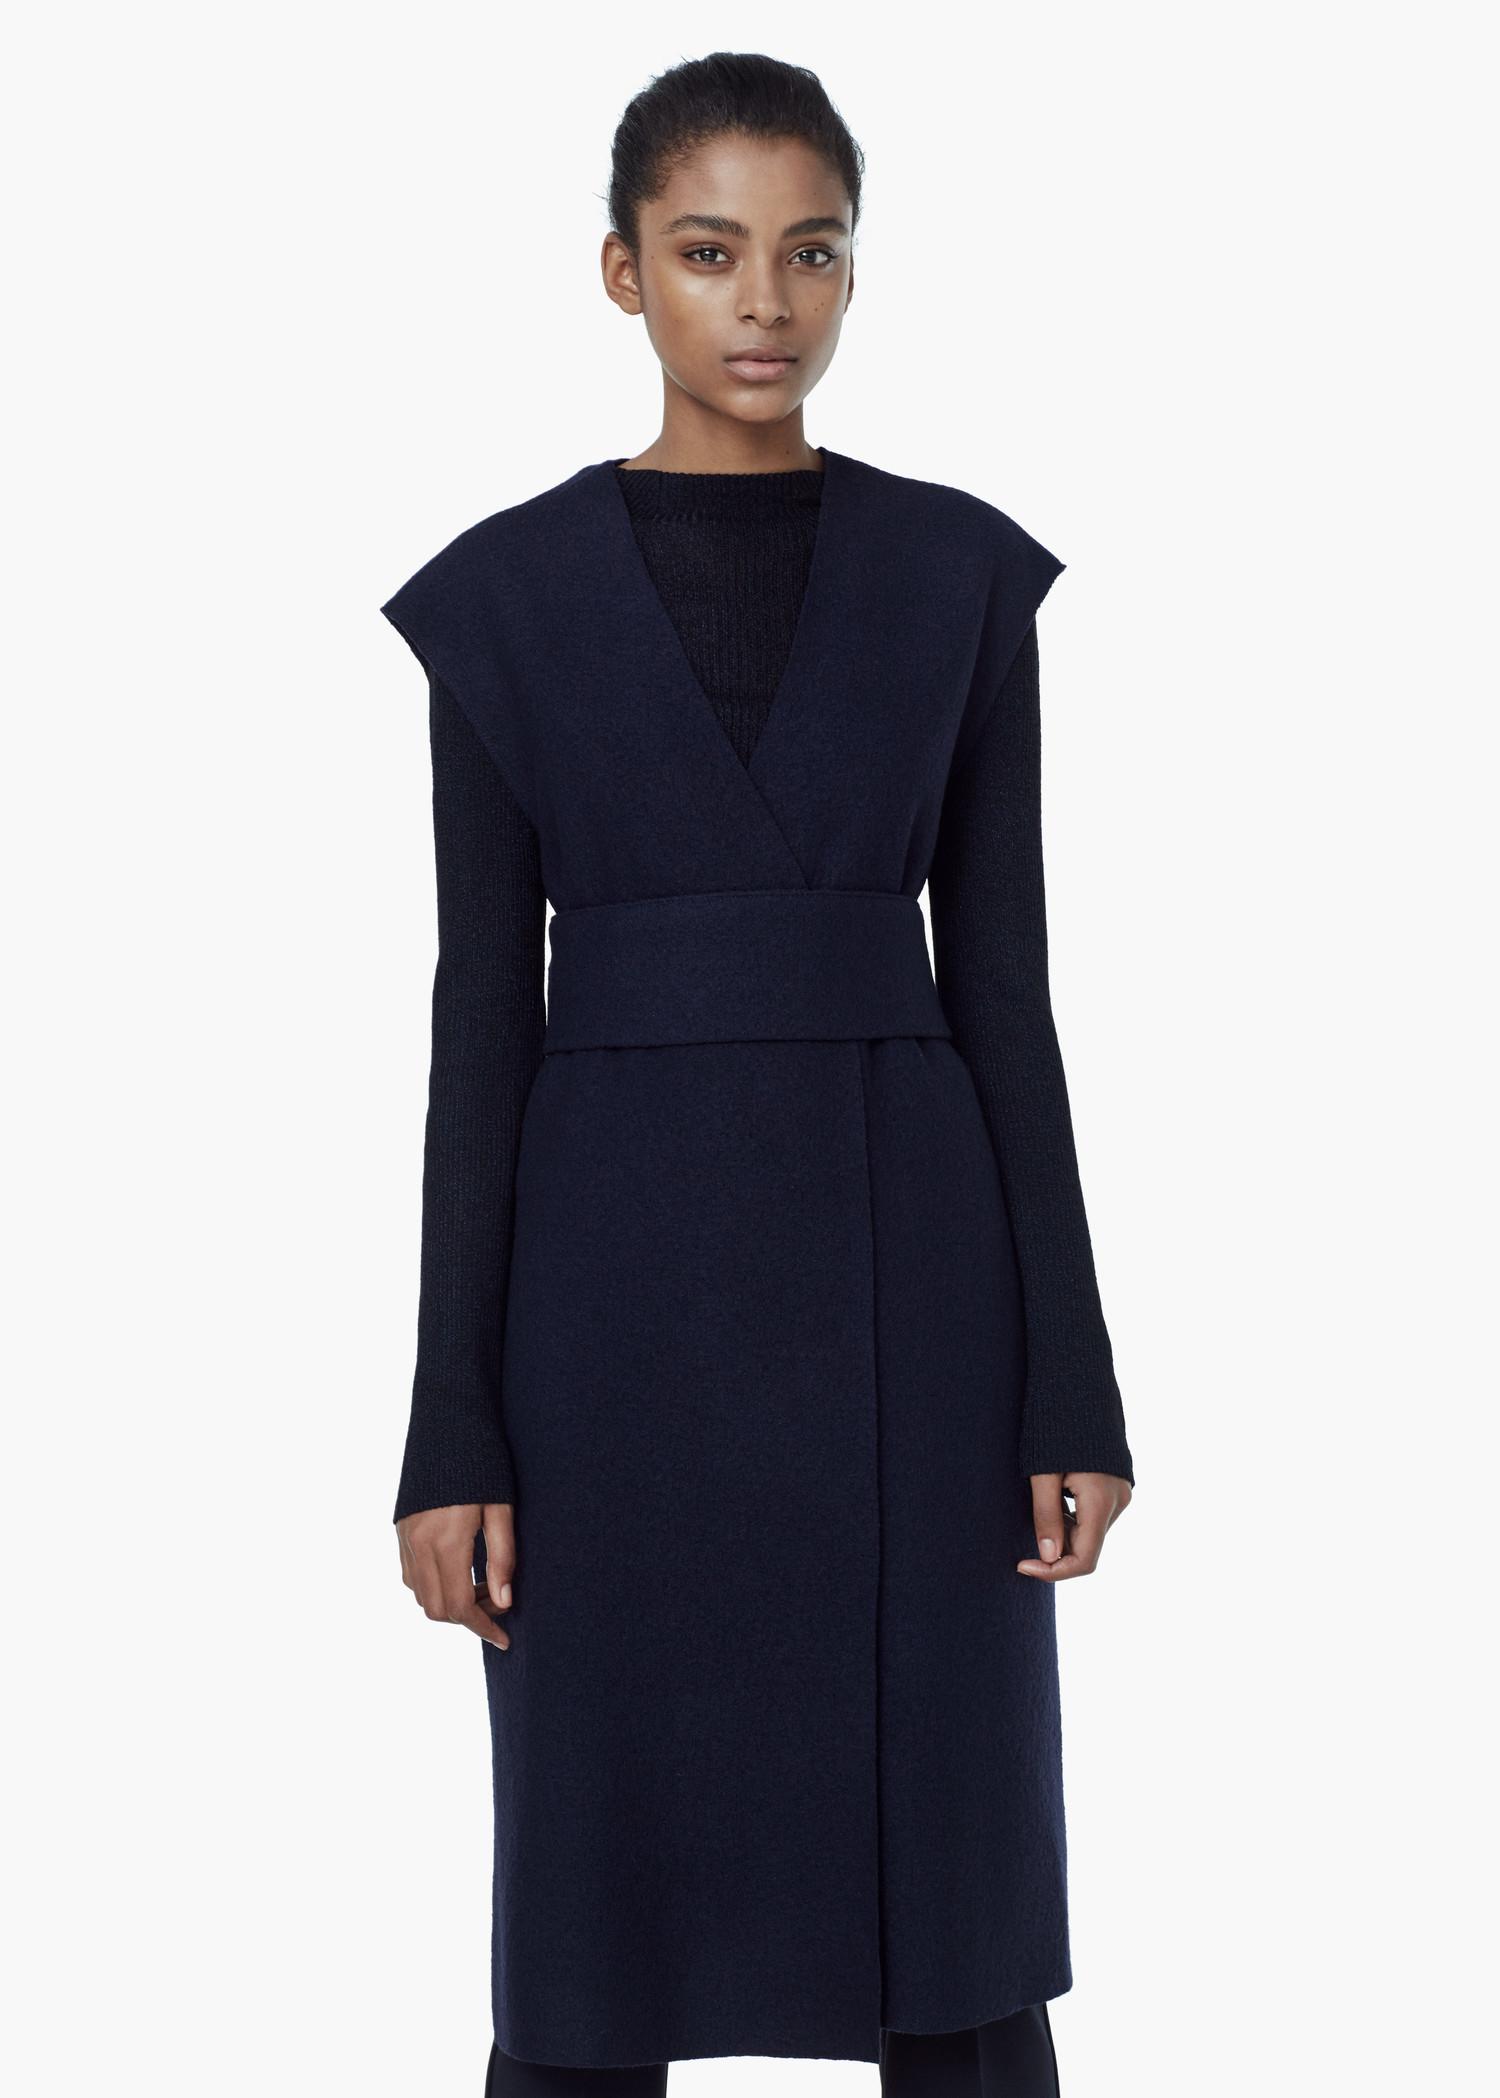 Gilet Blue Premium Wool Lyst Mango In RwYtqFqH 8558460ad27